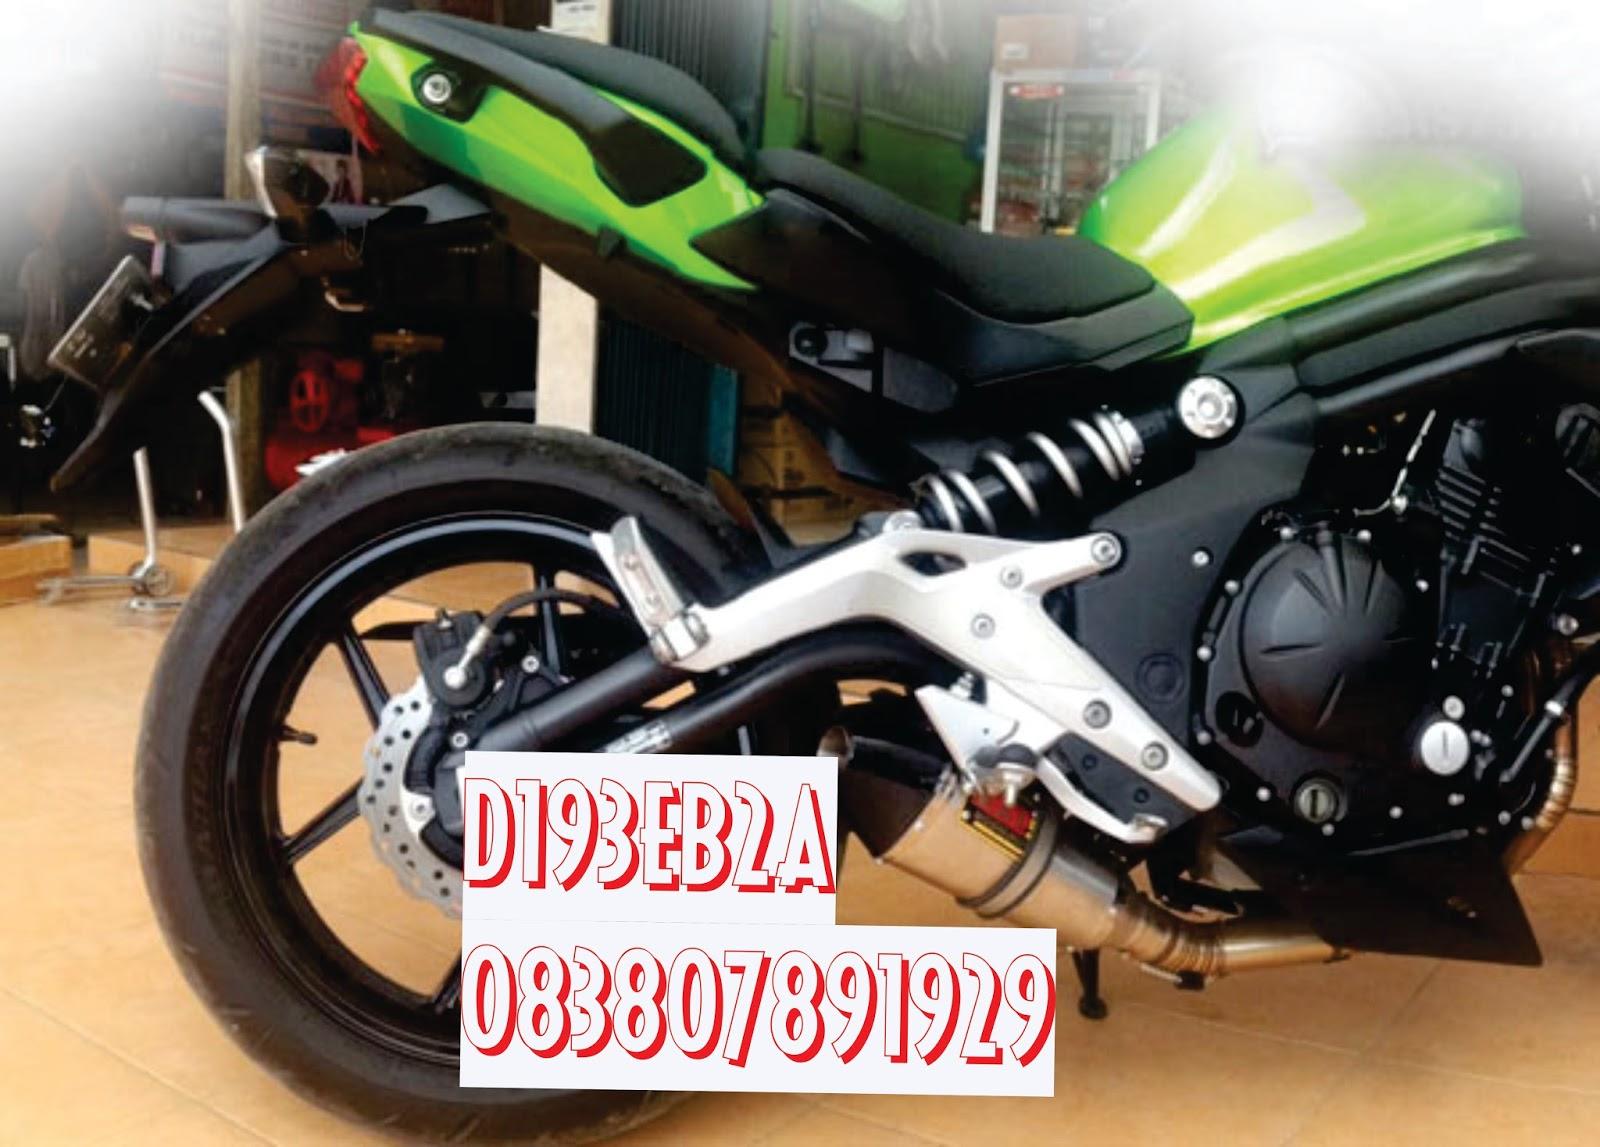 Knalpot Purbalingga November 2016 R9 Full System New Mugello Kawasaki Ninja 250 Rr Mono Z250 Sl Itulah Beberapa Dari Daftar Harga Racing Er6n Er6f Semoga Bisa Bermanfaat Serta Menjadi Referensi Bagi Para Sobat Biker Yang Sedang